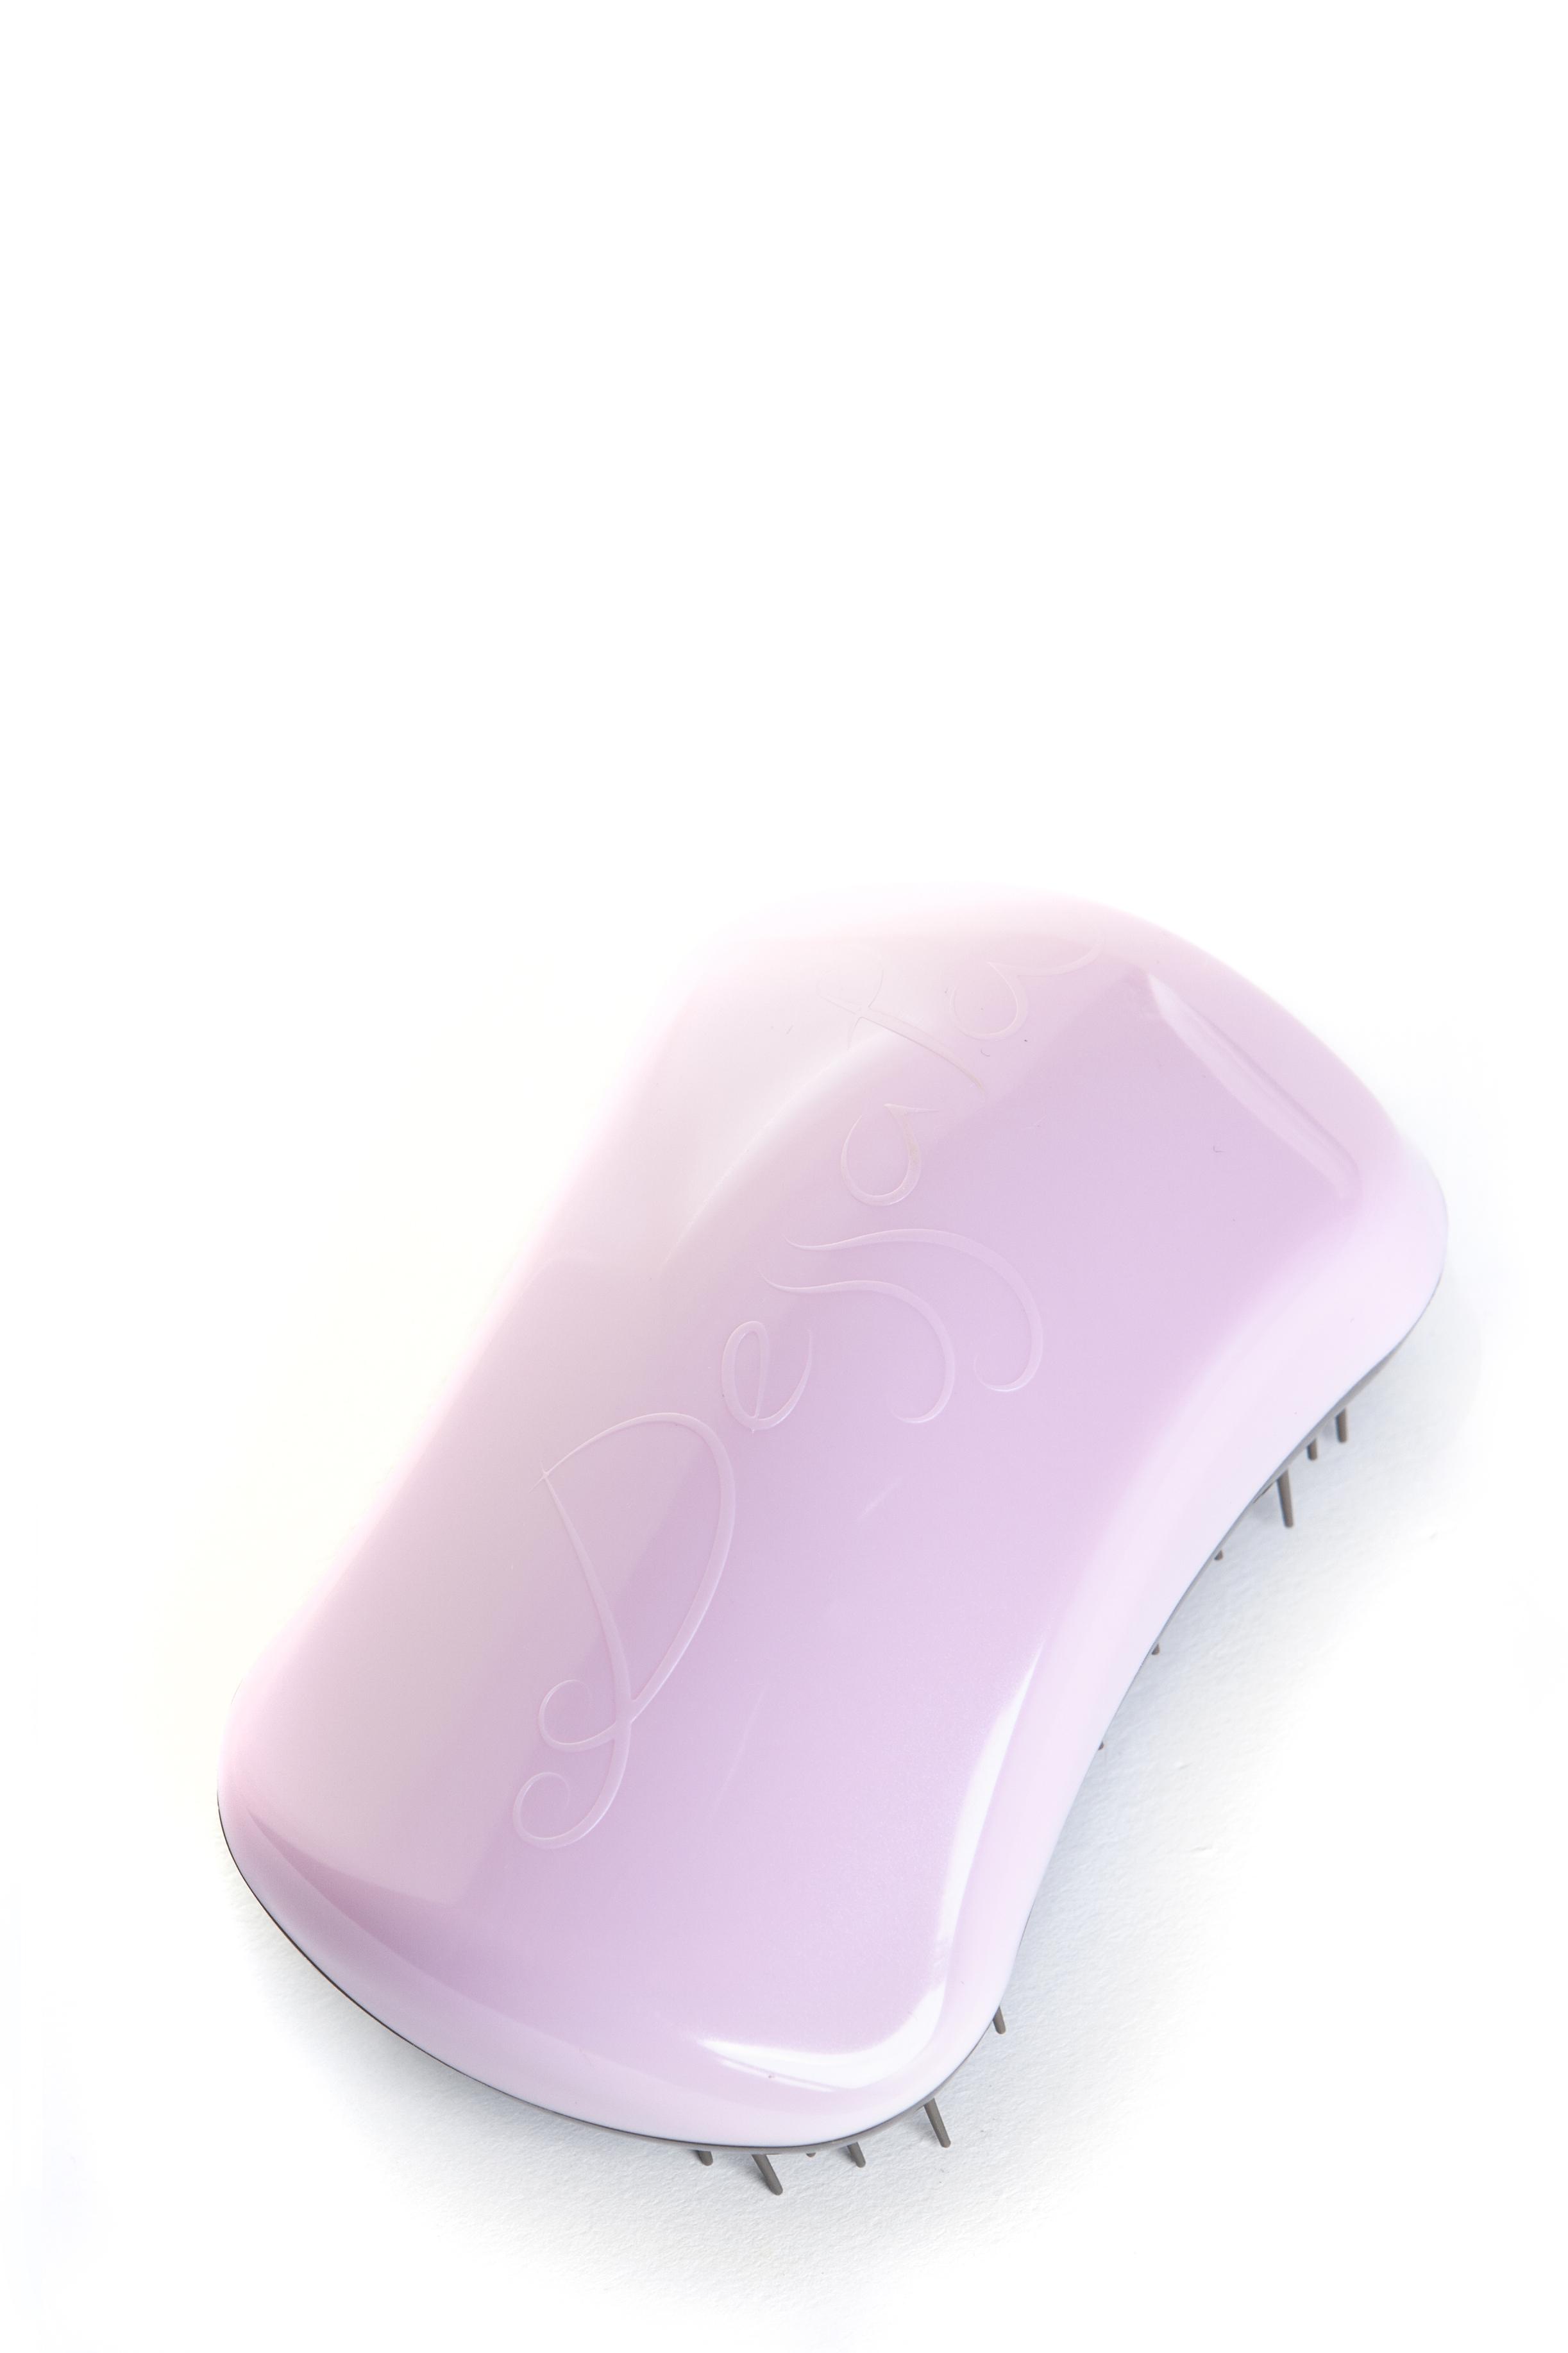 DESSATA Расческа для волос Dessata Hair Brush Original Pink-Old Gold; Розовый-Старое ЗолотоРасчески<br>Расческа Dessata Original быстро и легко расчесывает волосы, не требует использования дополнительных средств. Специальная конструкция расчески исключает спутывание и повреждение волос. Dessata подходит для всех типов волос. 440 зубчиков разной длины бережно расчесывают даже самые спутанные волосы не травимруя их. Благодаря эргономичному дизайну расческа удобно лежит в руке, повторяя форму голов Материал: гипоаллергенный пластик.<br><br>Типы волос: Для всех типов